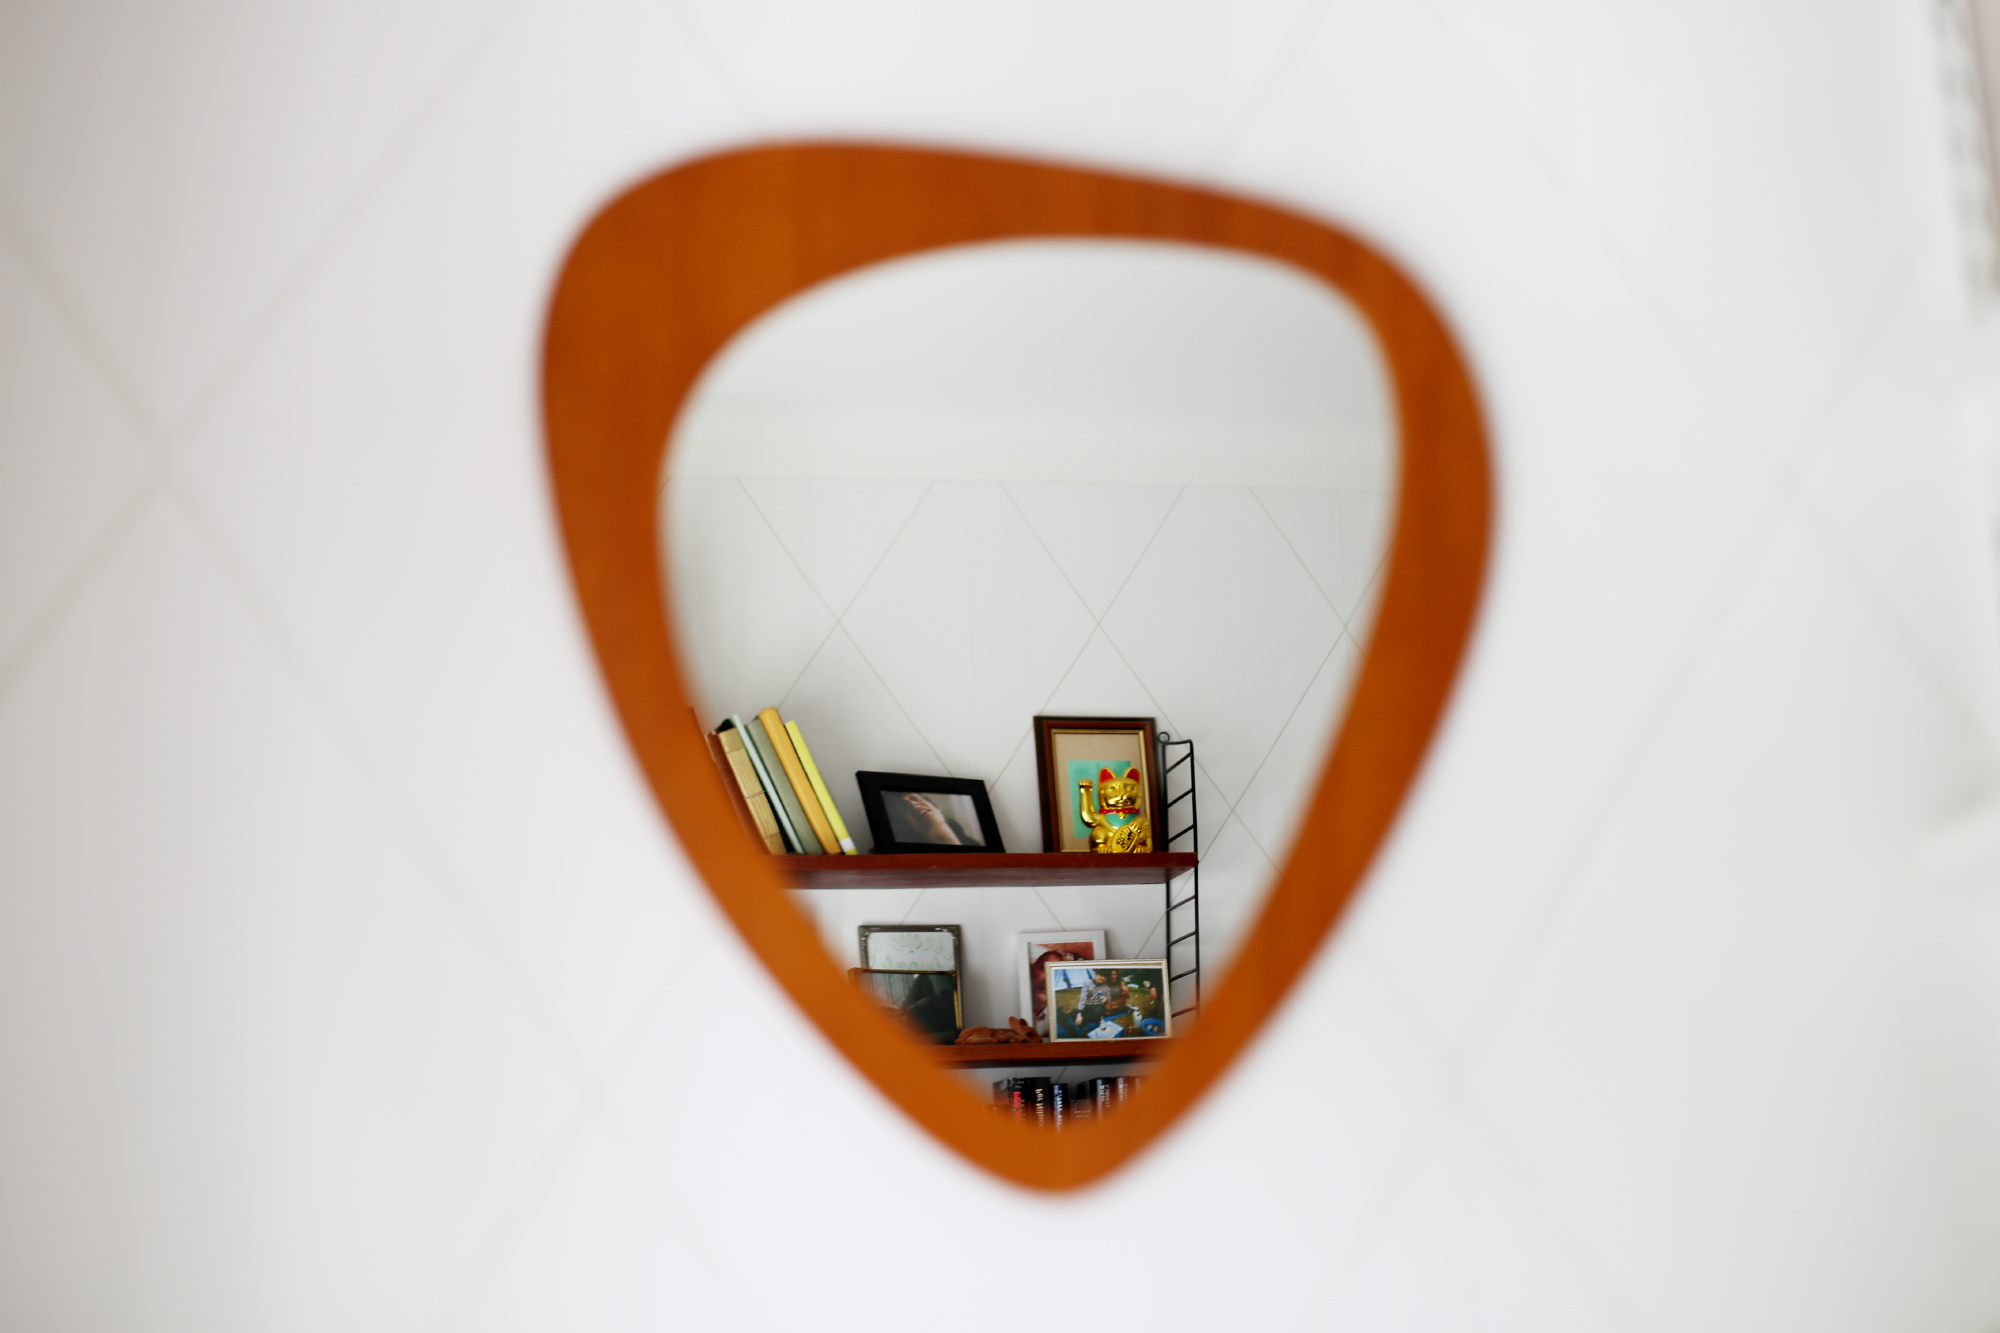 spegel spegel på väggen var